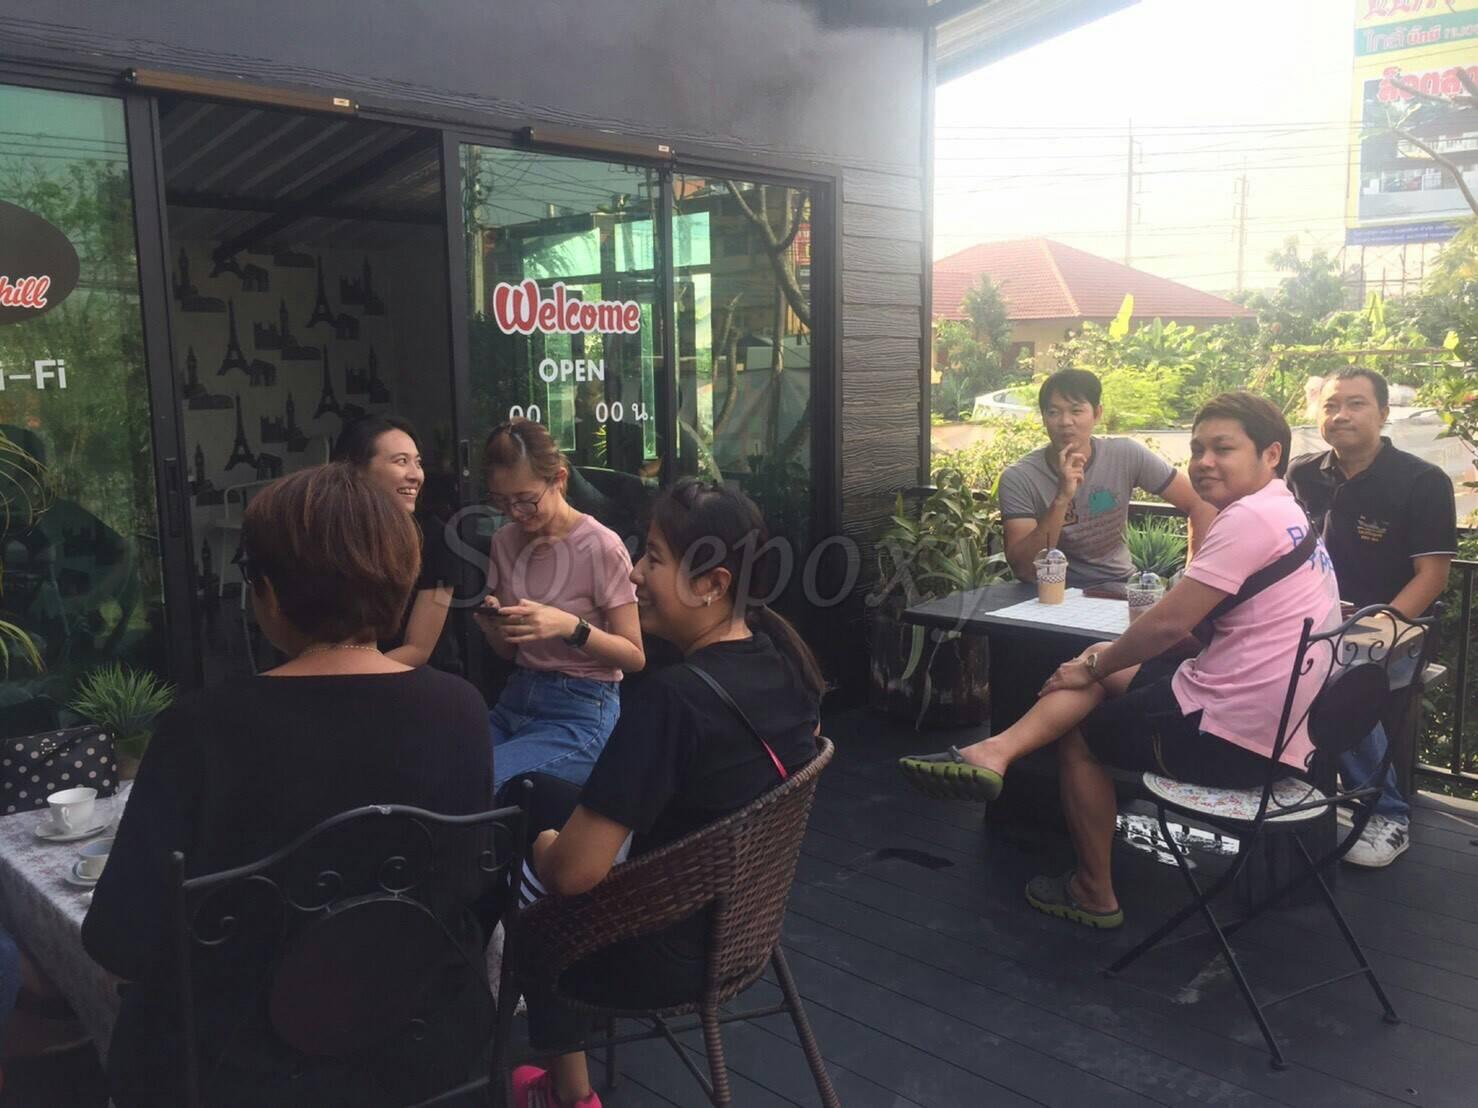 SOV & Coffee Chillเปิดให้บริการแล้วในโซนของ ร้านกาแฟ 13